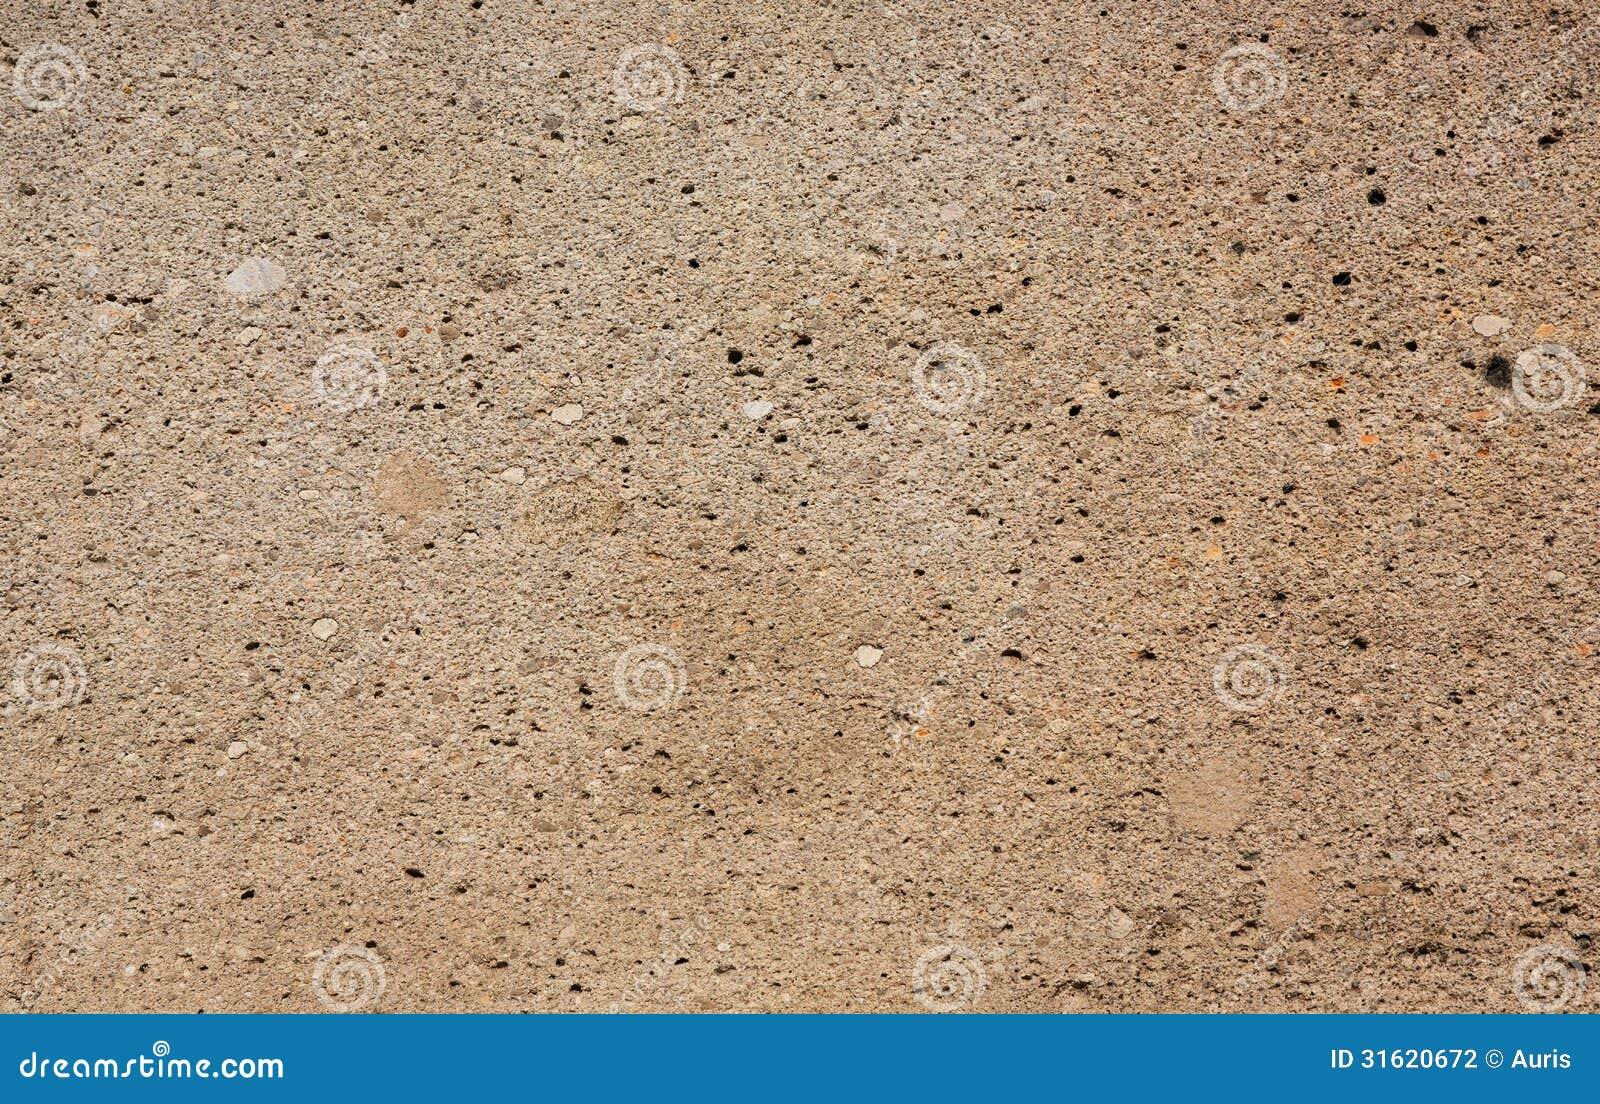 песчаник текстура: